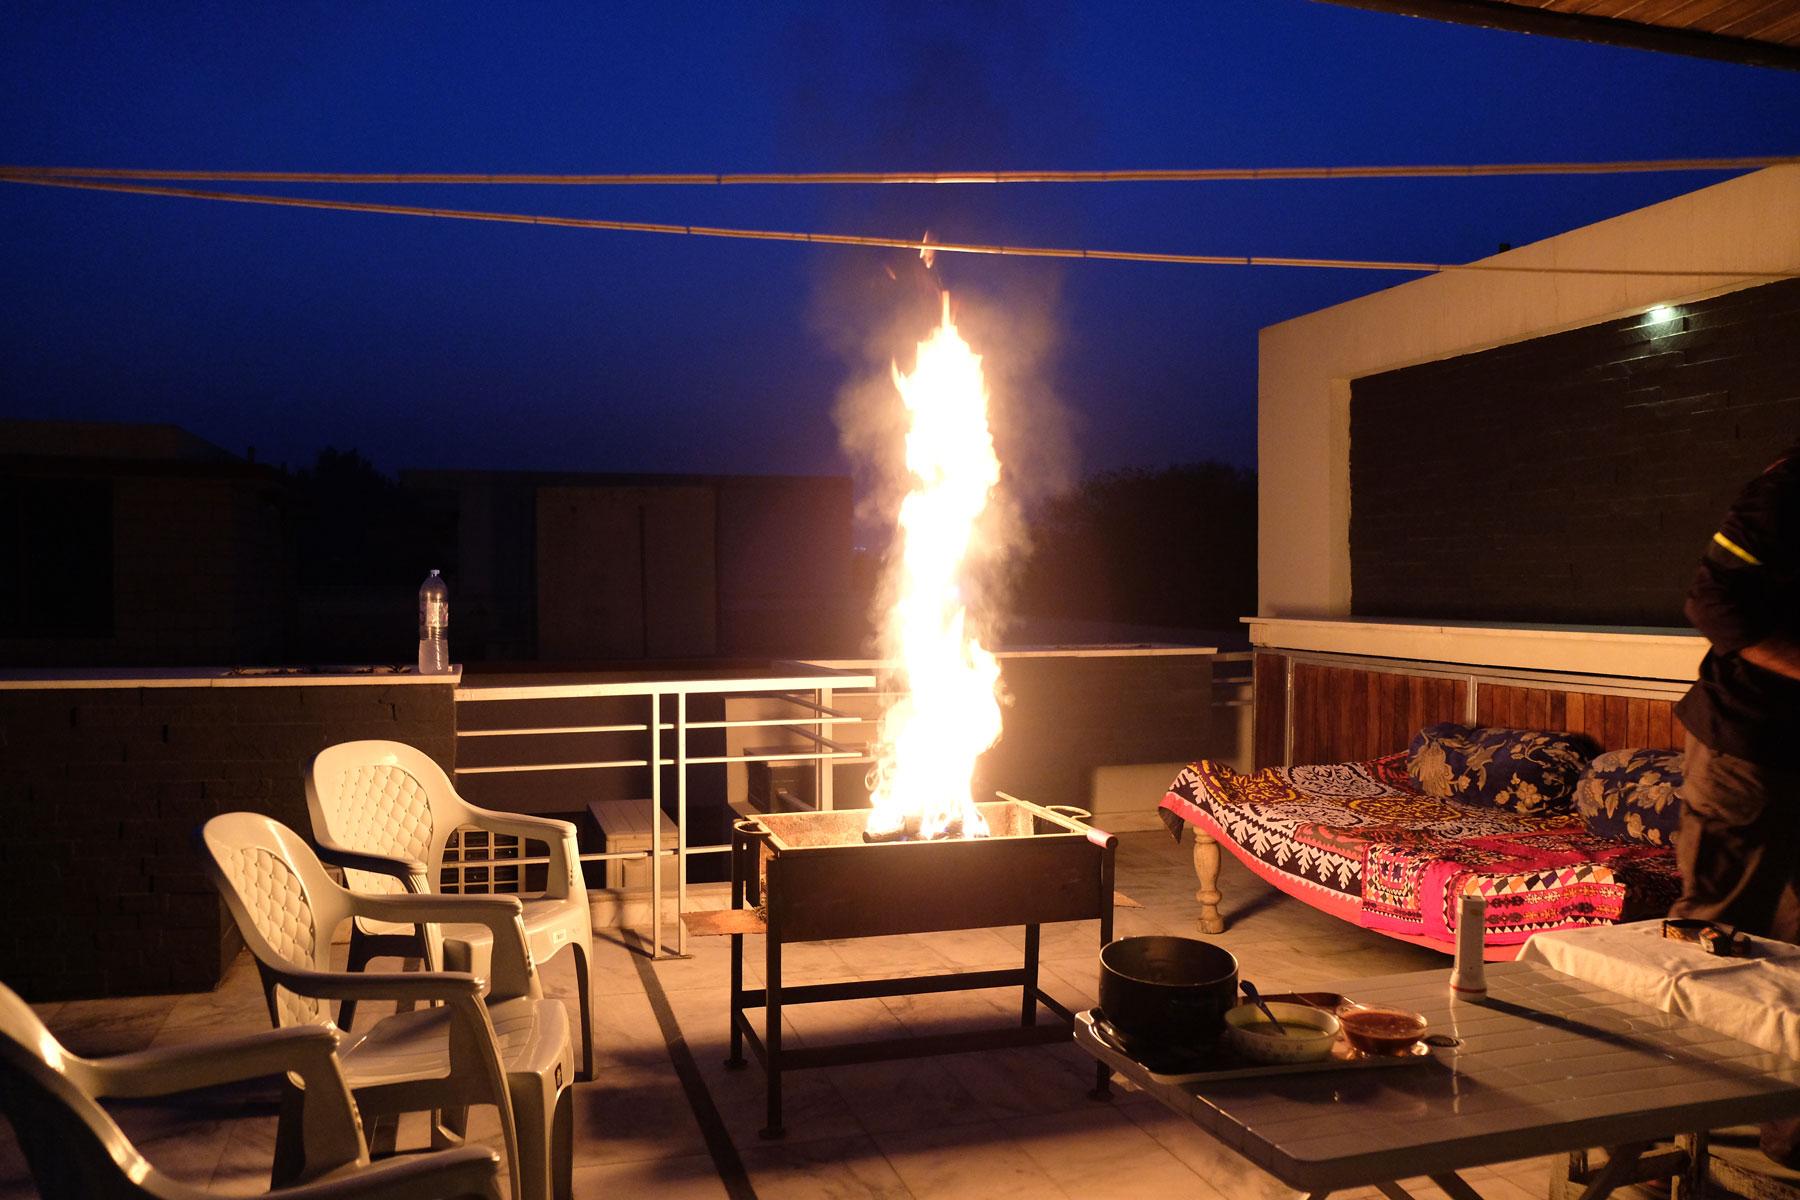 Stichflammen aus einem Grill auf einer Terrasse in Islamabad.